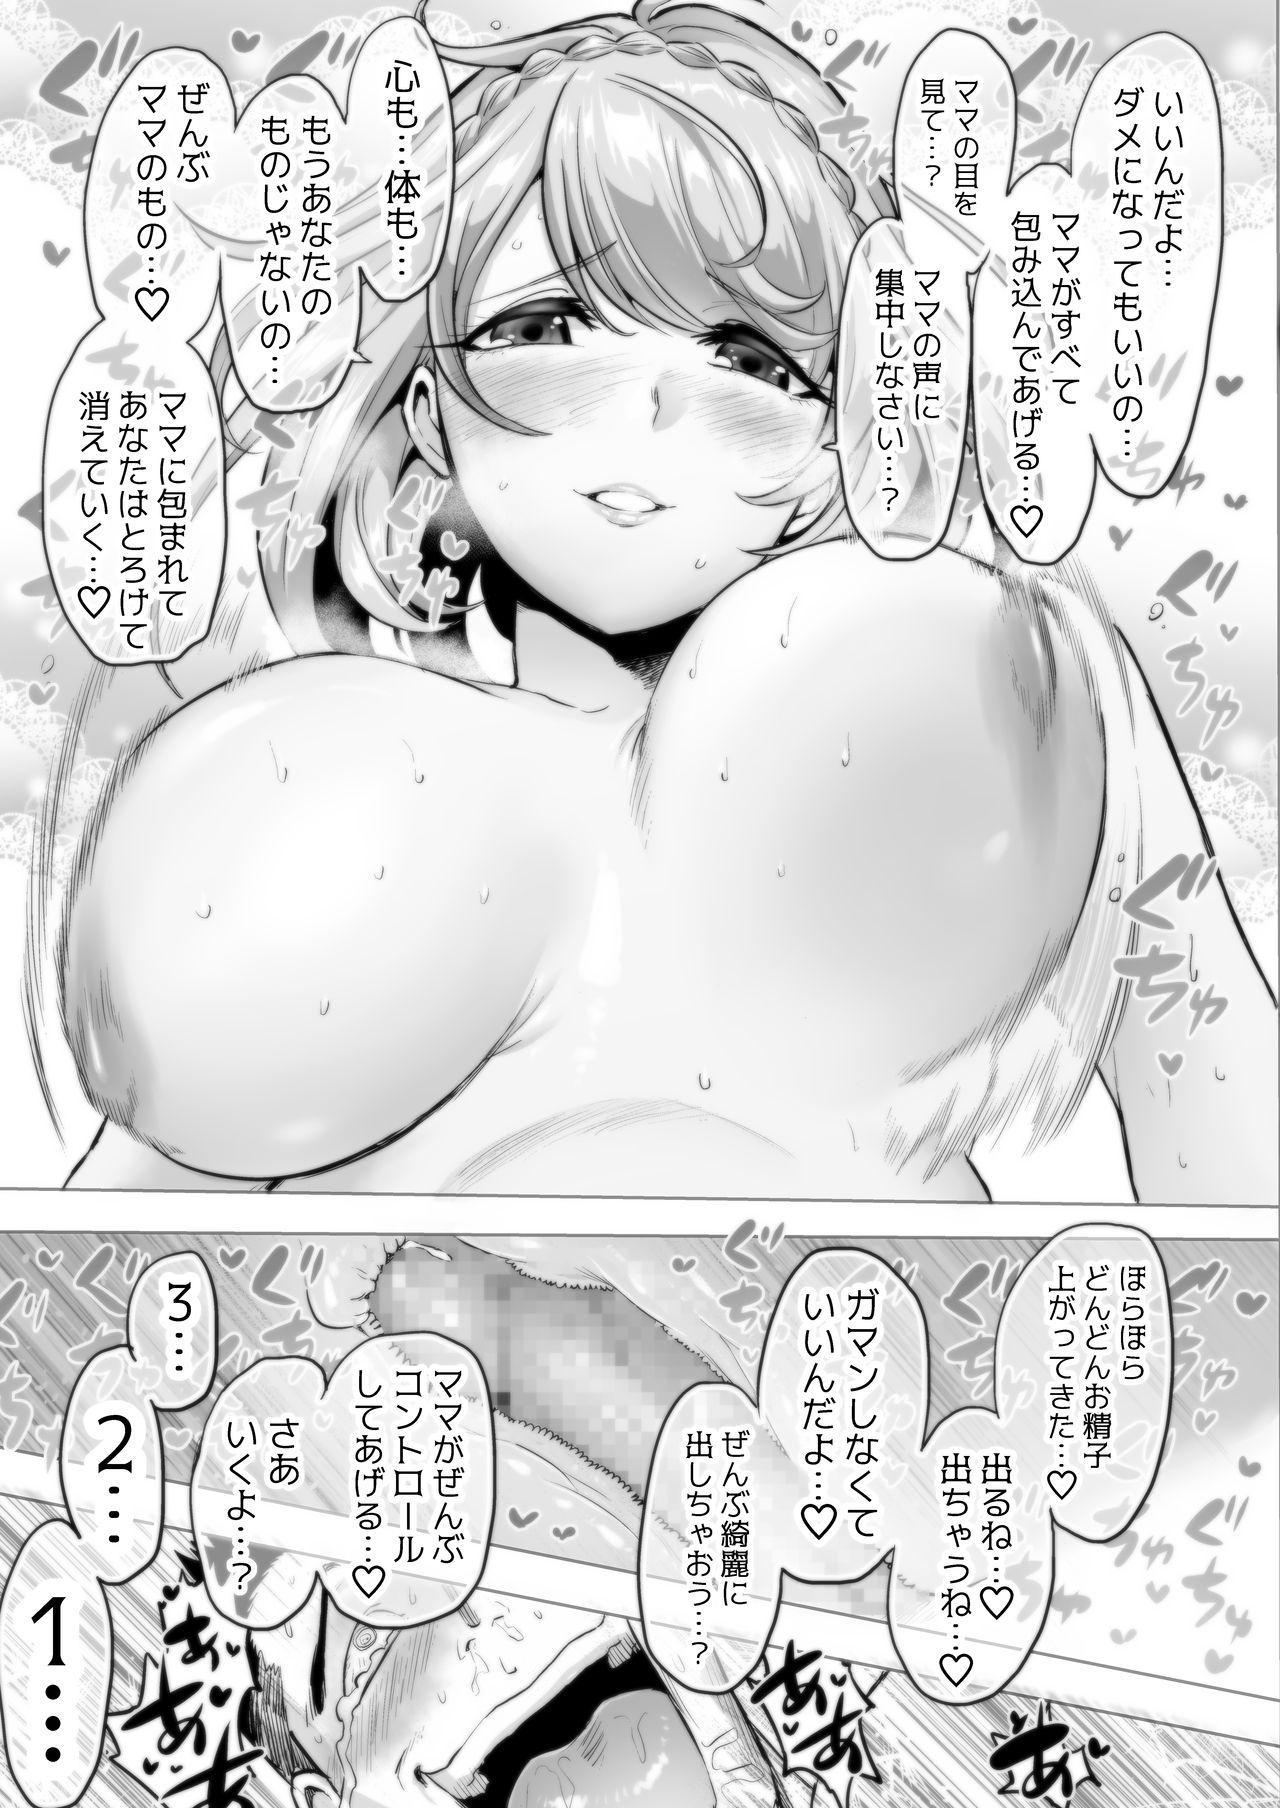 囁きの淫魔 ~清楚系ビッチな後輩女子大生による人格破壊催眠~ 30